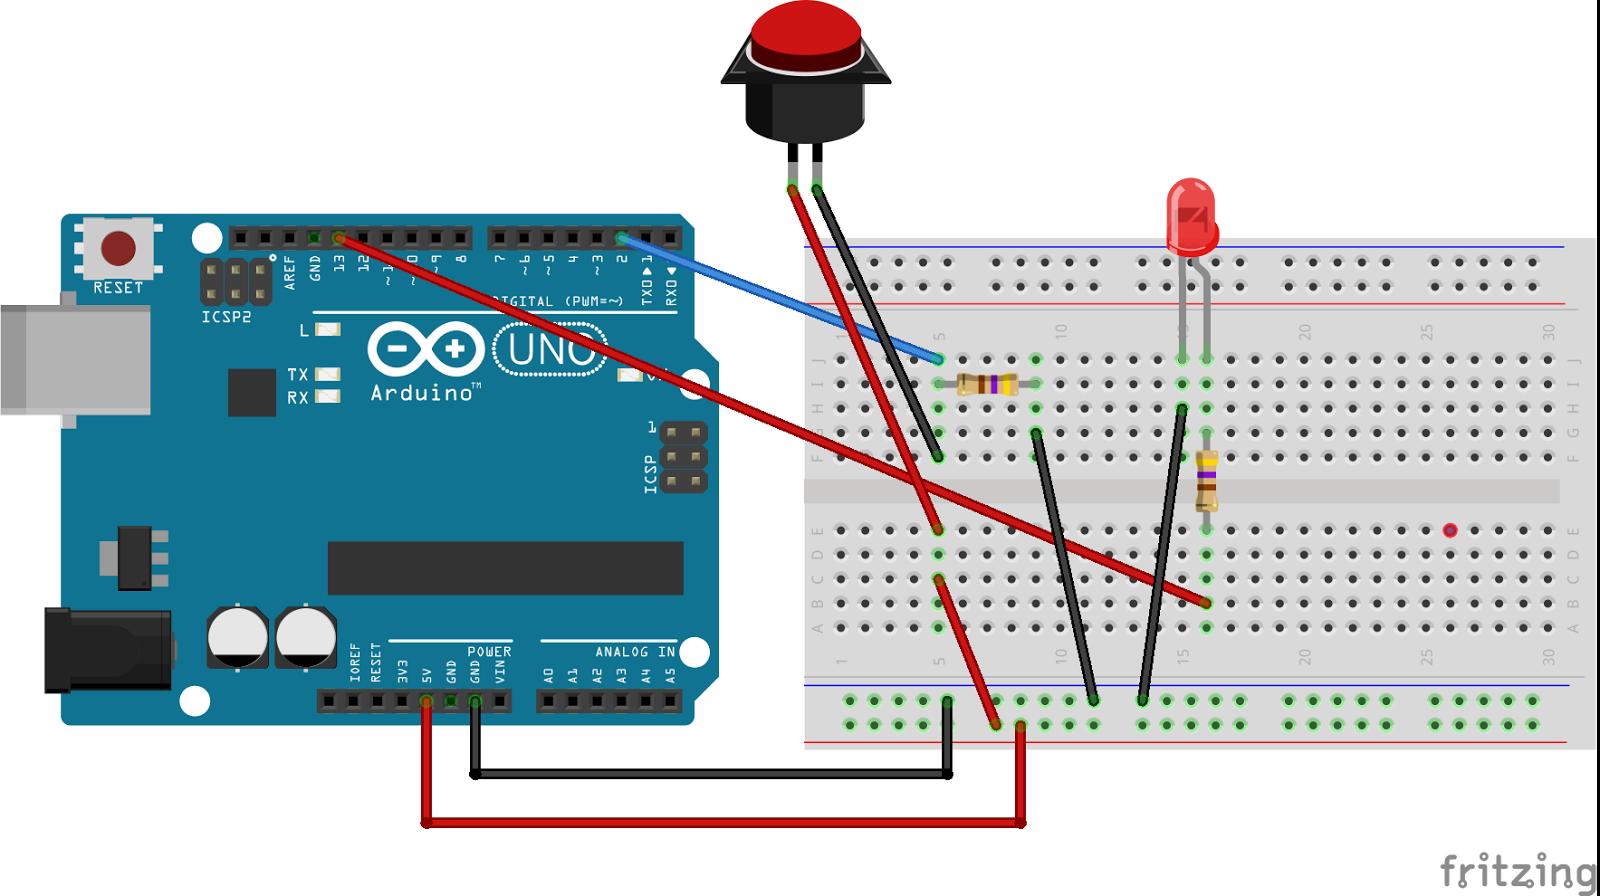 我的手藝diy園地 arduino專案 按鈕開關控制led